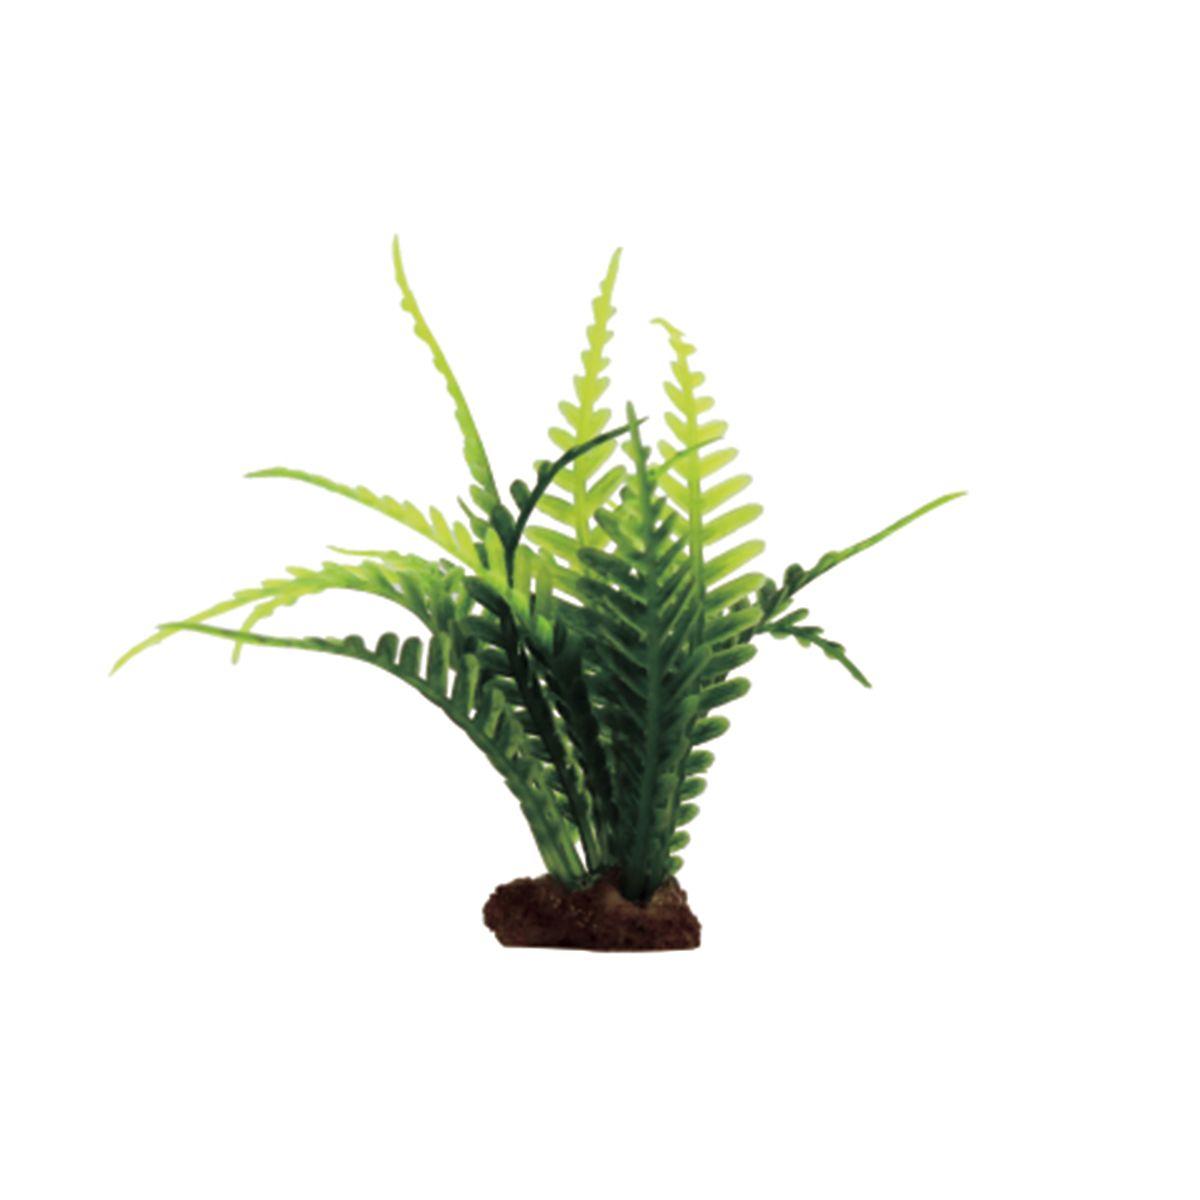 Растение для аквариума ArtUniq Папоротник, высота 10 см, 6 шт0120710Растение для аквариума ArtUniq Папоротник, высота 10 см, 6 шт